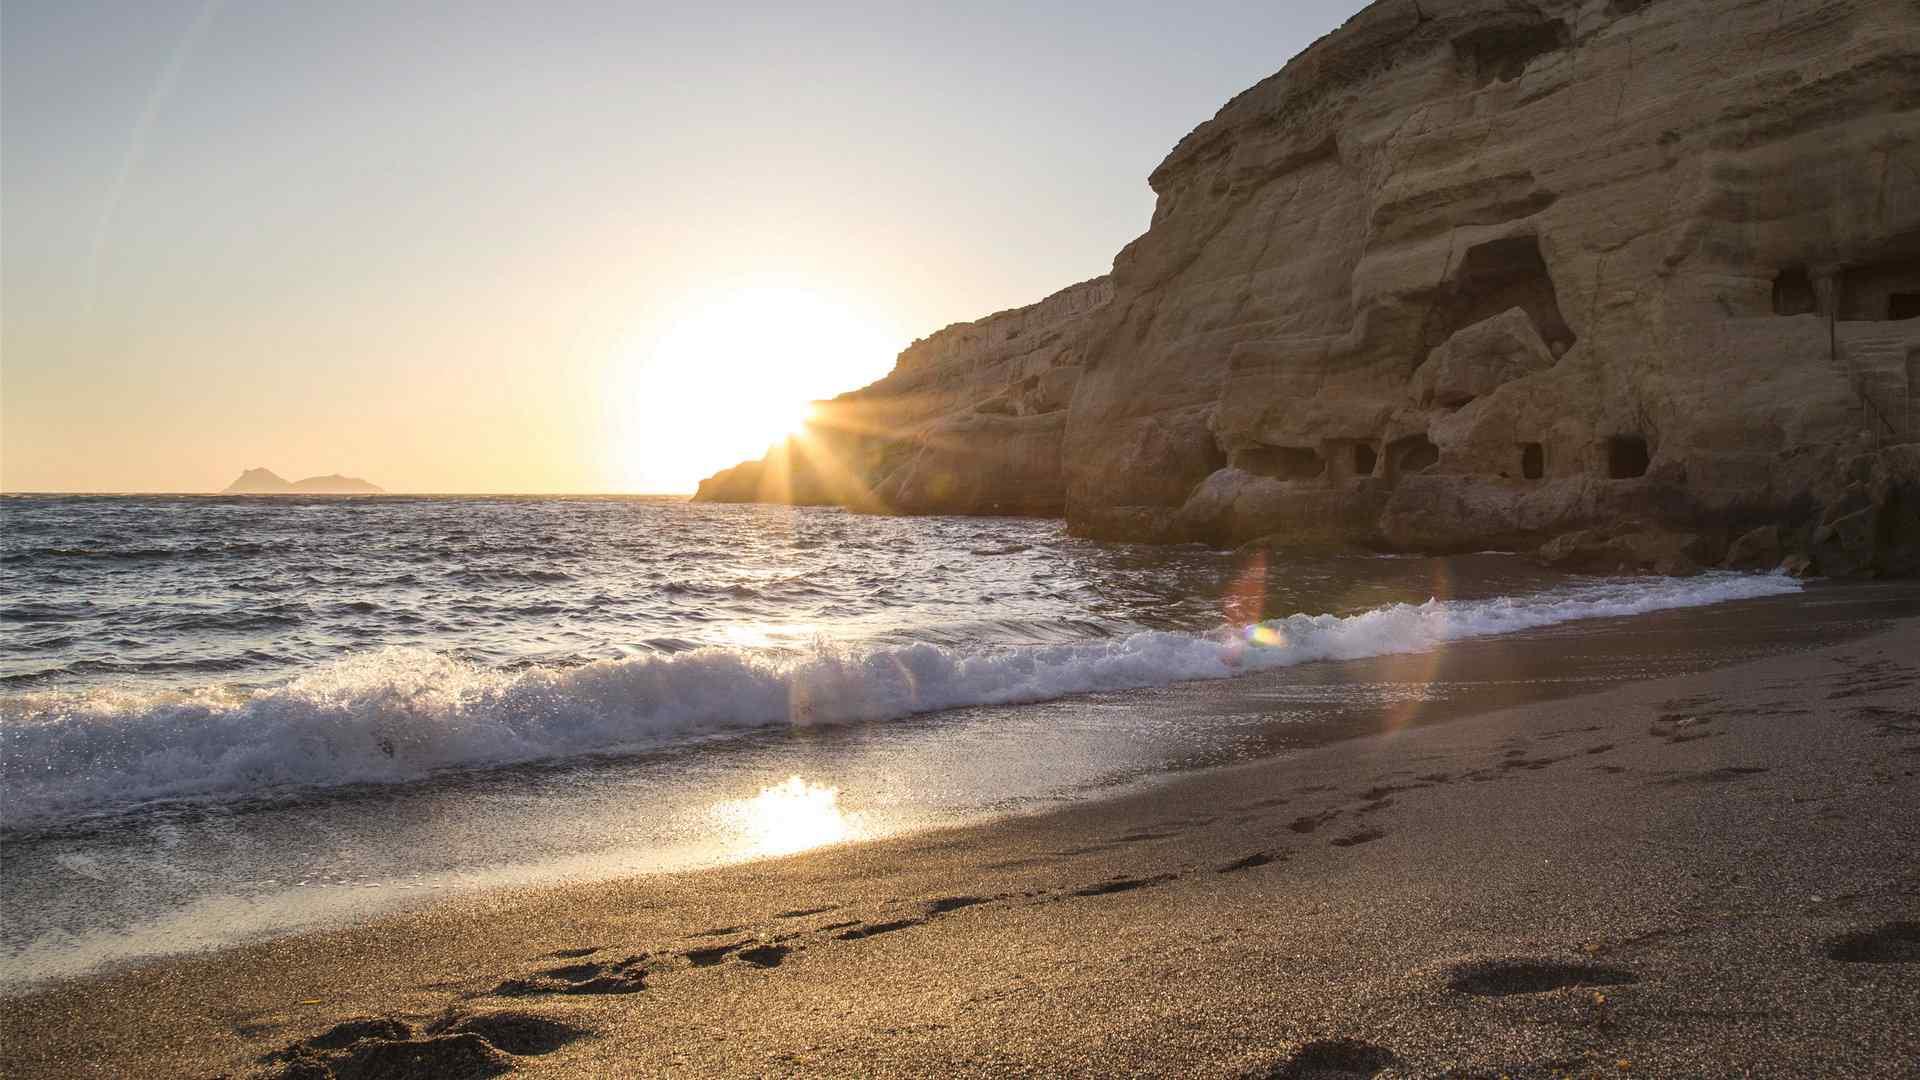 精选海浪沙滩图片风景电脑桌面壁纸